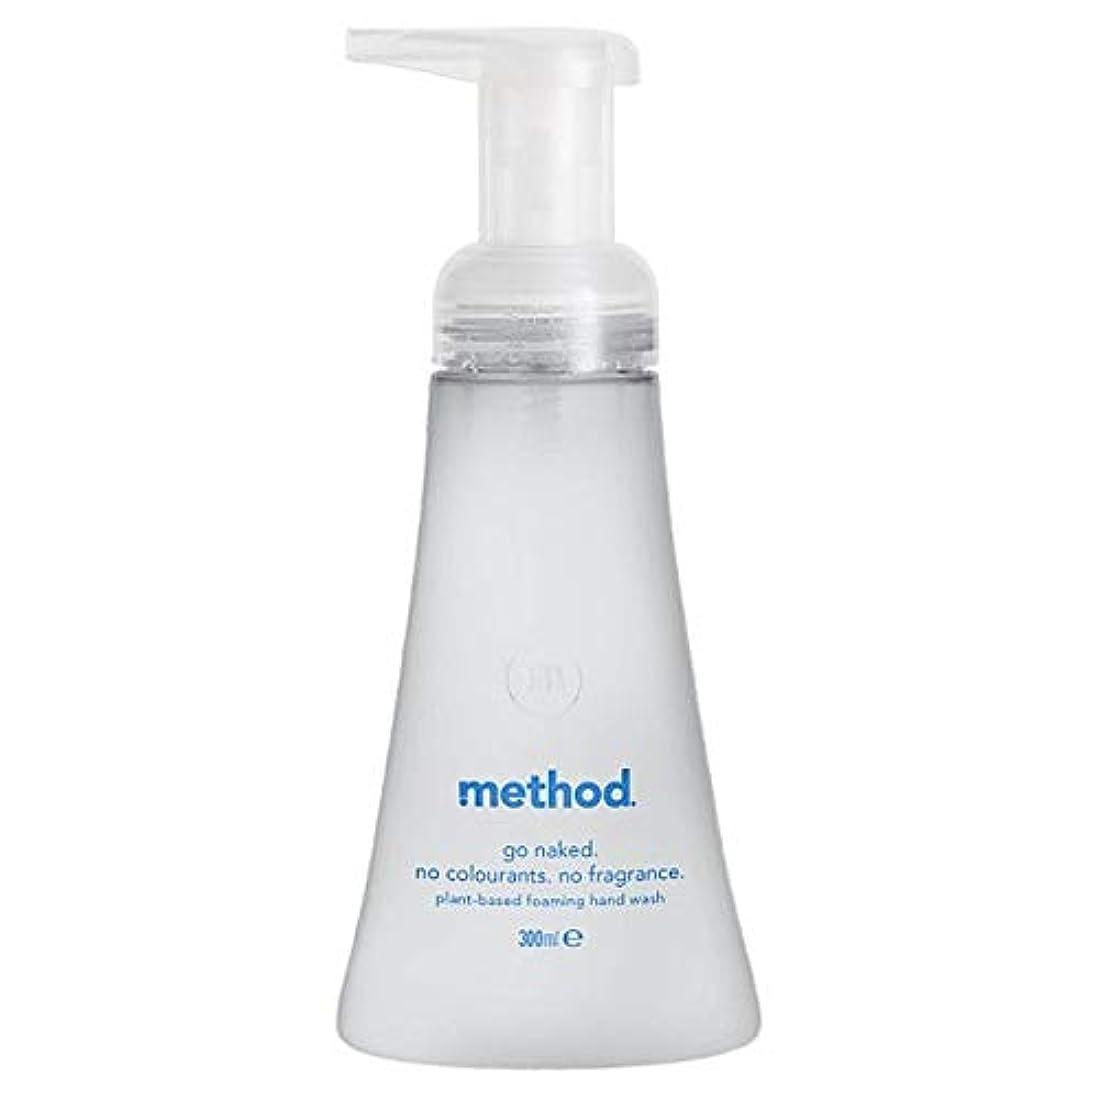 薬理学カスタム土砂降り[Method ] メソッド裸発泡手洗いの300ミリリットル - Method Naked Foaming Handwash 300Ml [並行輸入品]